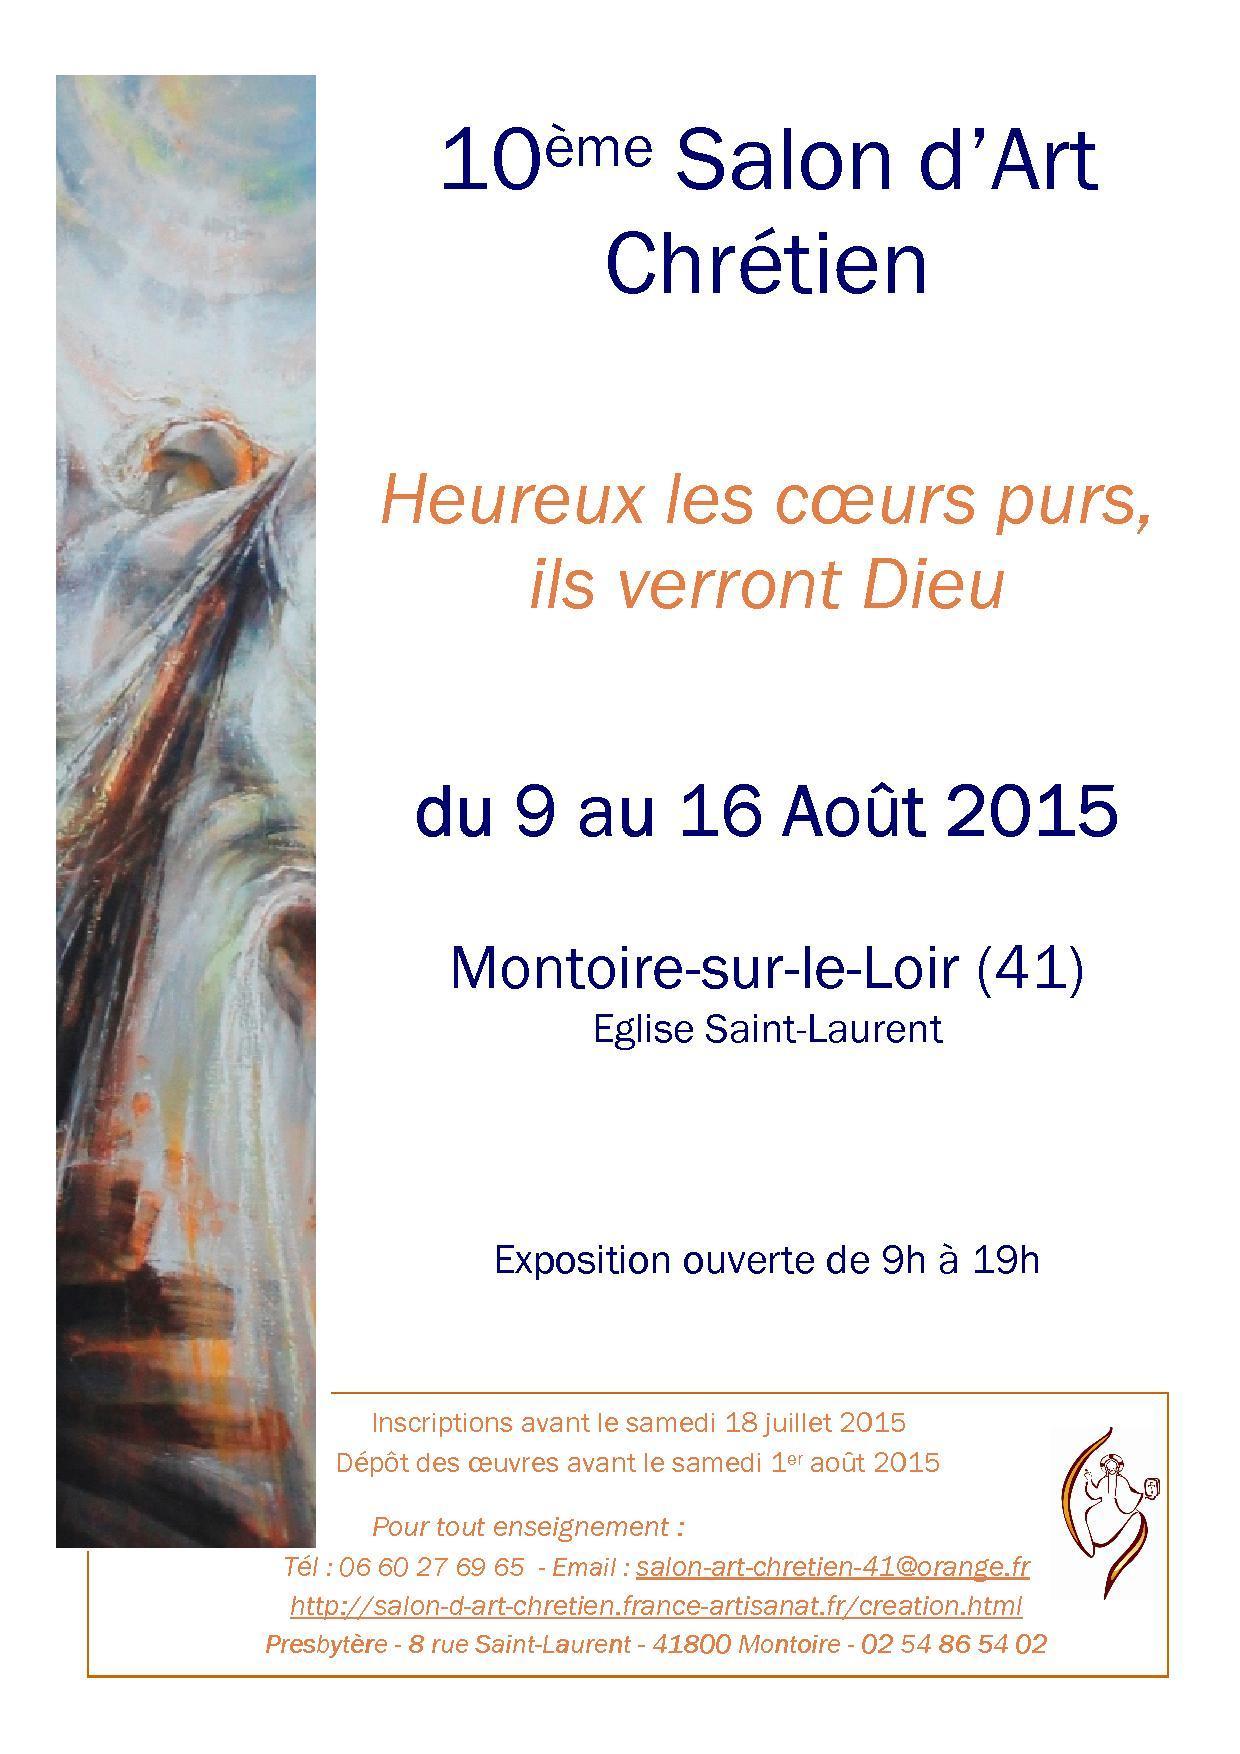 Actualité de  PRESBYTERE DE MONTOIRE SUR LOIR 10 ème - SALON D'ART CHRETIEN 10° SLON D'ART CHRETIEN A MONTOIRE S/ LOIR